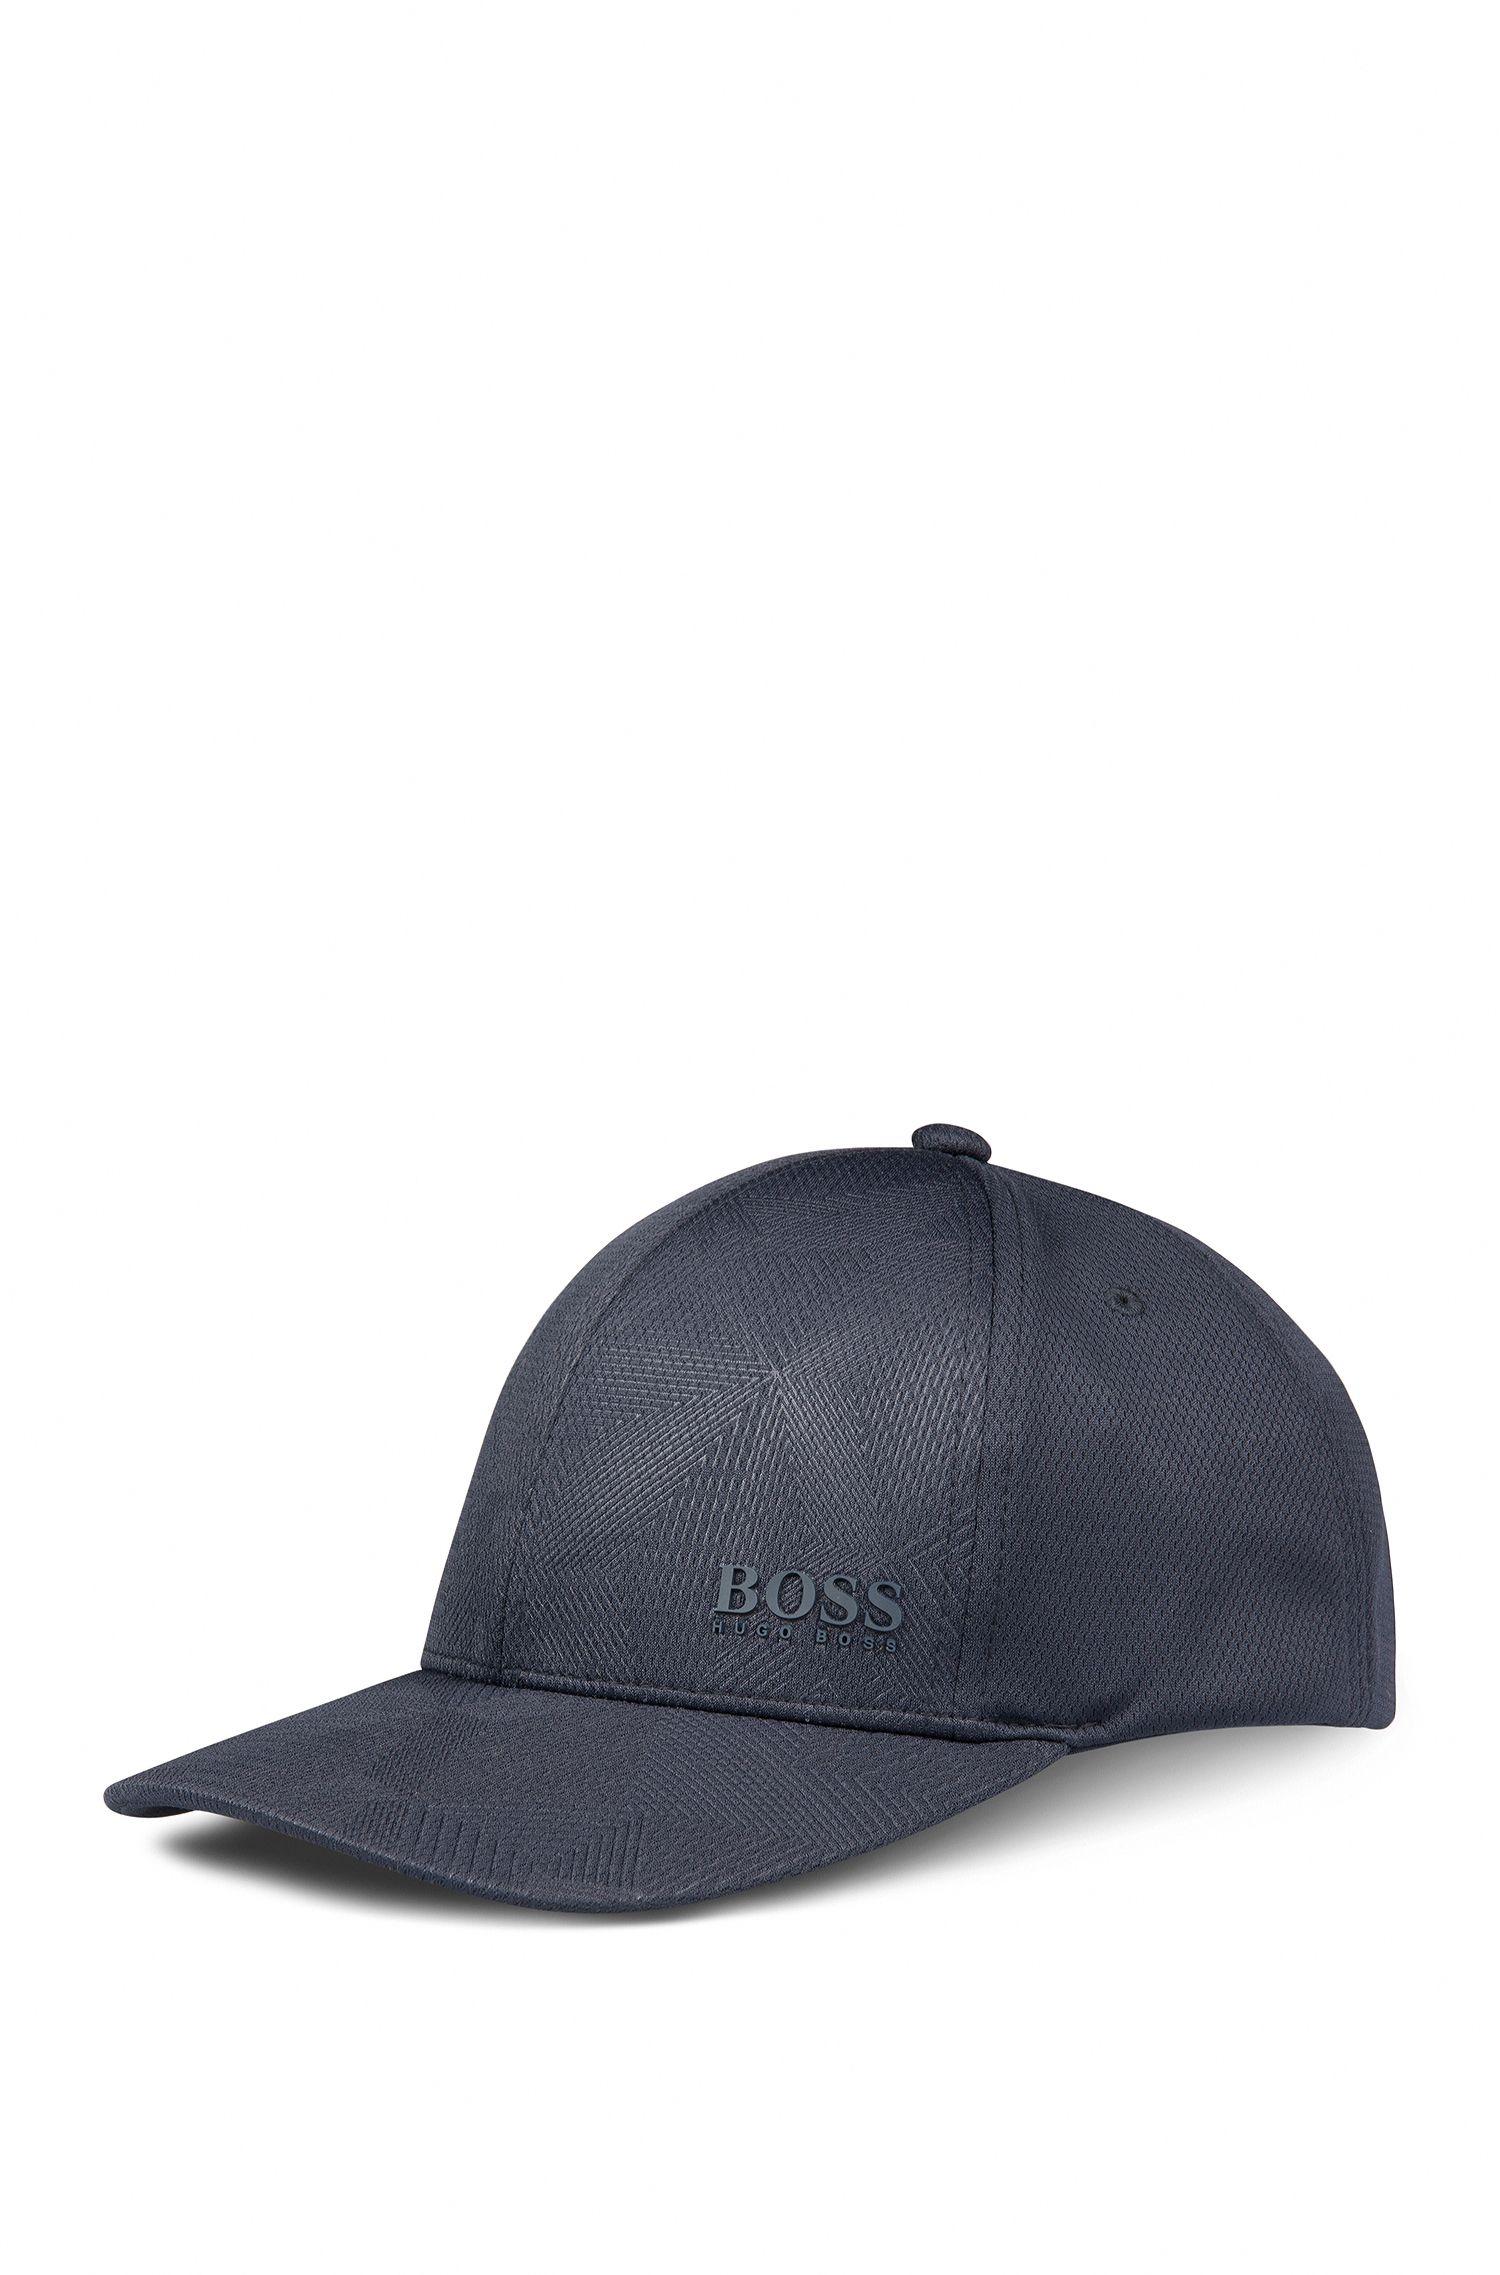 Cappellino da baseball in tessuto tecnico a nido d'ape